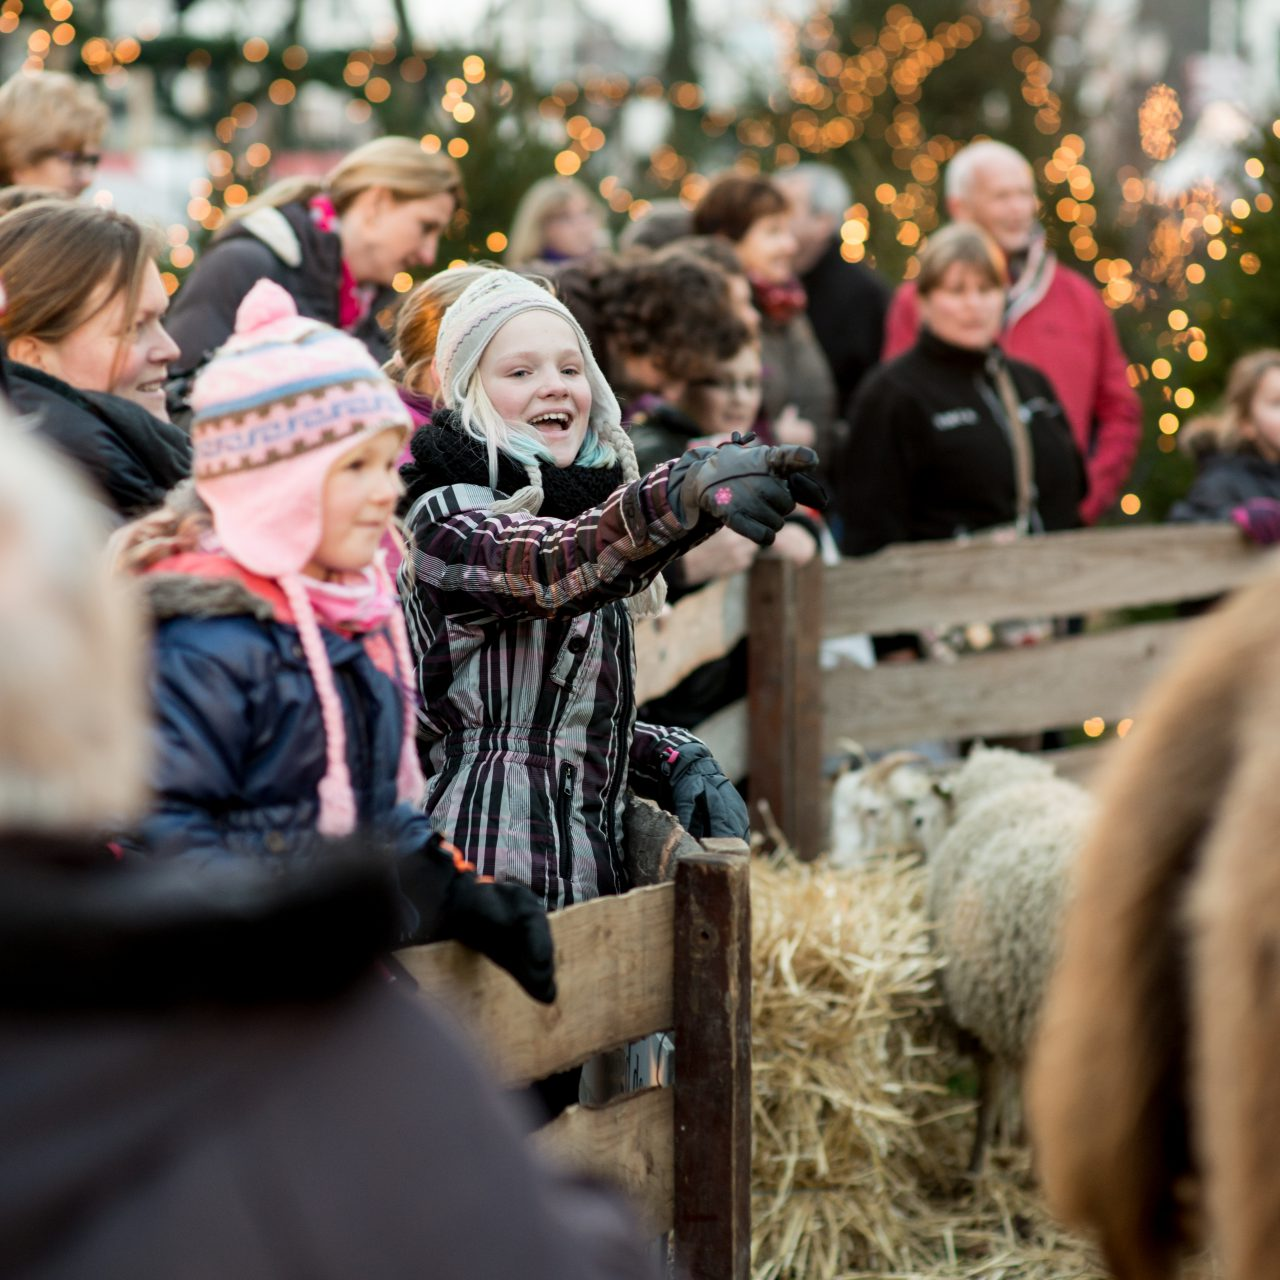 Kerstmarkt Dordrecht - Dordrecht - evenementen - kerststal - Grotekerkstuin